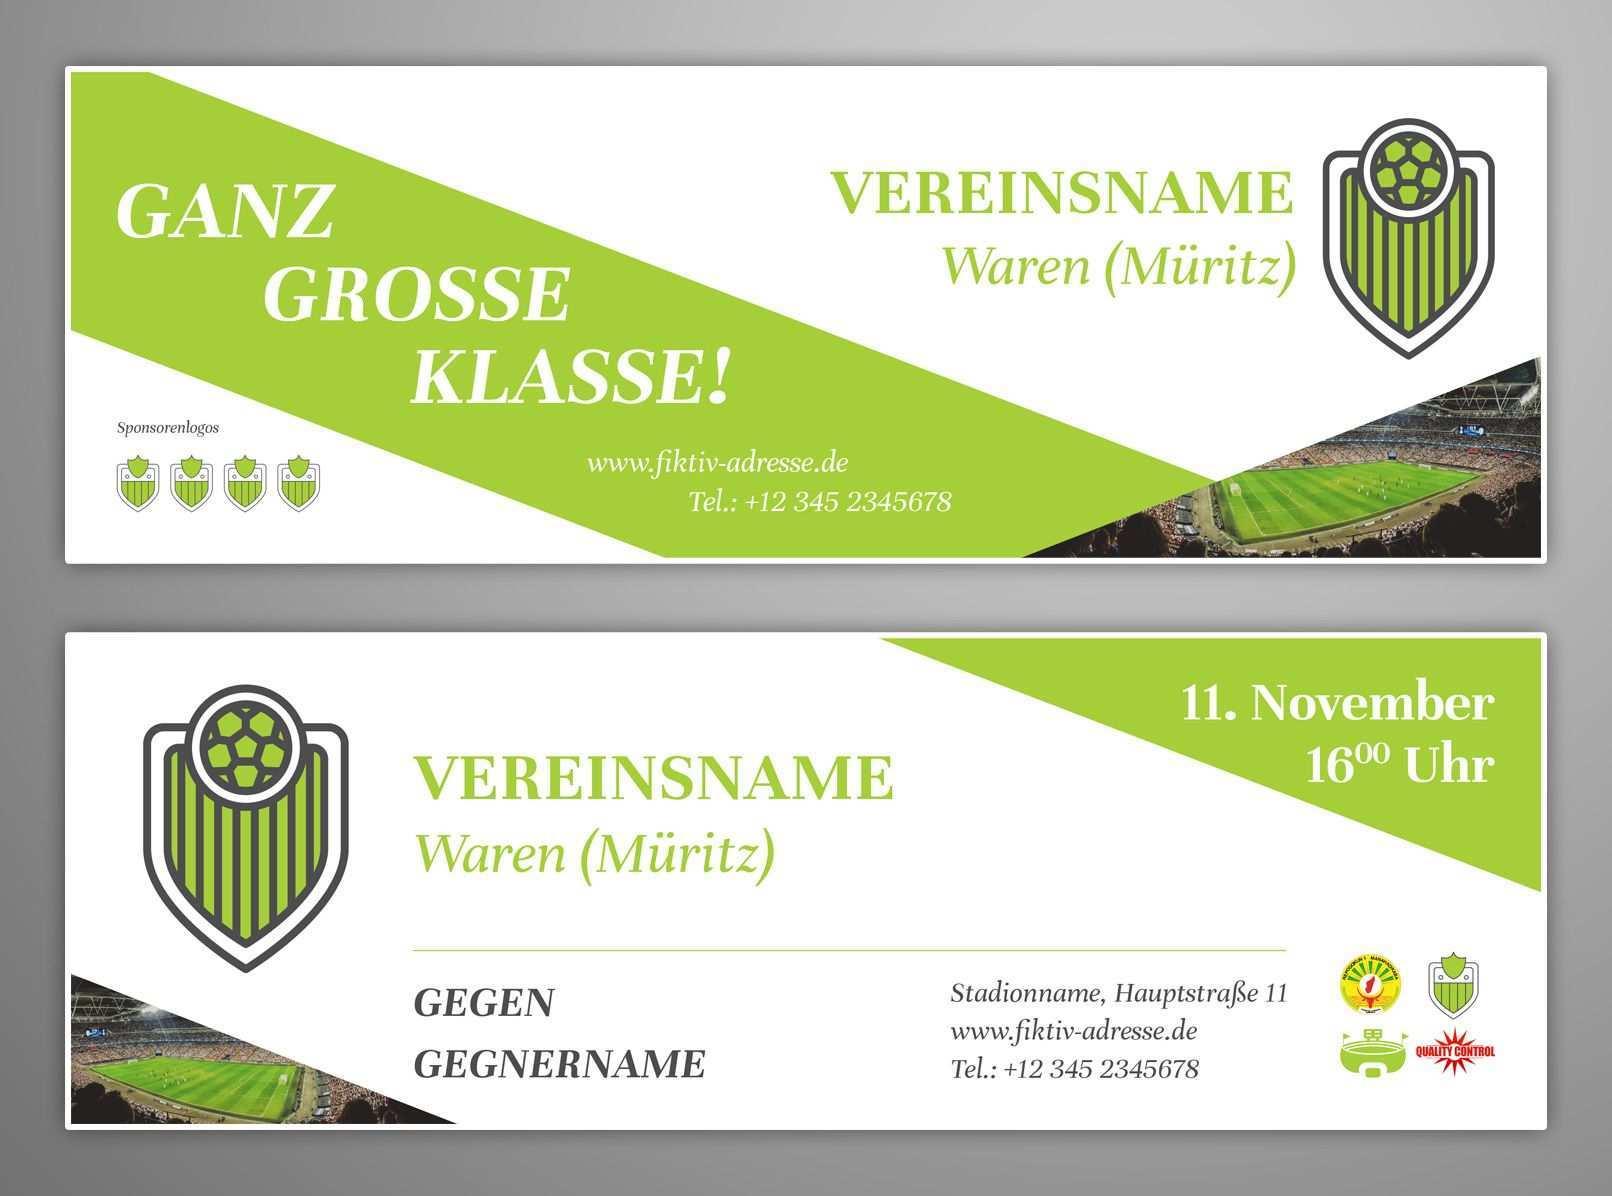 Design Vorlagen Fur Sportvereine Spendenscheck Werbebanner Co Banner Vorlagen Sportverein